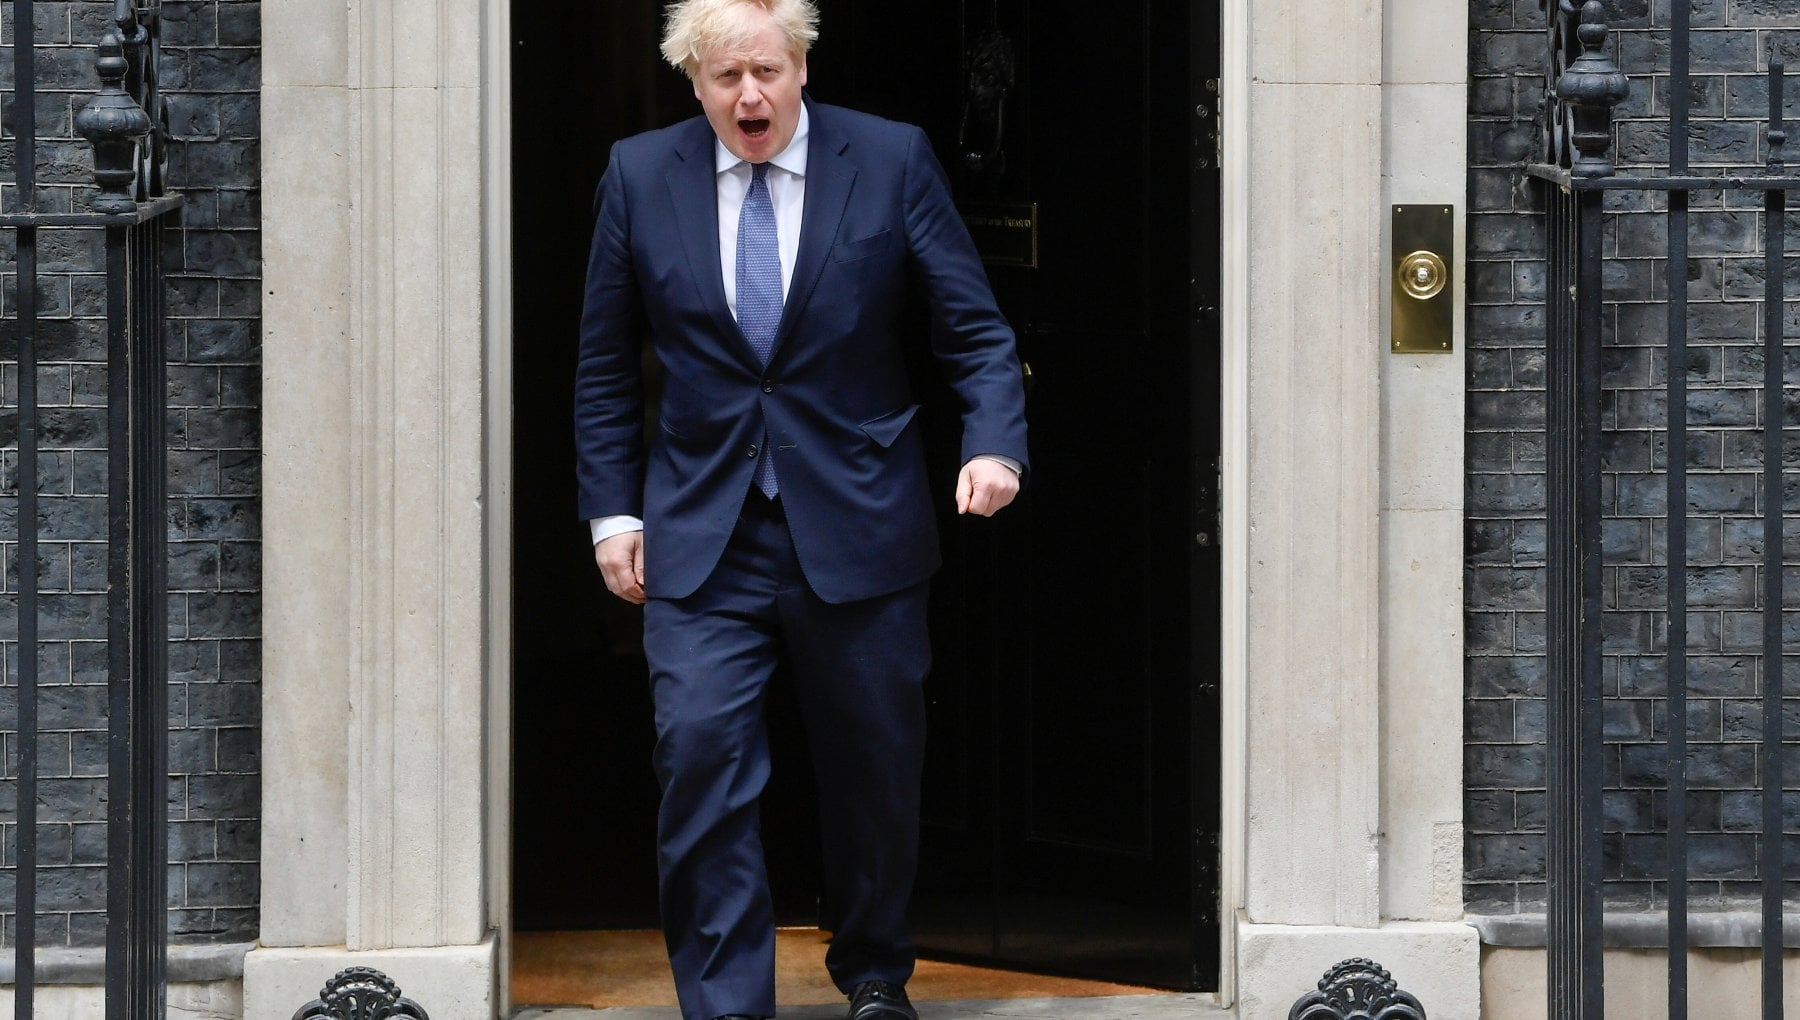 """184949721 b1afbe75 6d7f 46f8 97e9 9a15fc700b5f - Londra, nessun imbroglio dietro alla """"casa d'oro"""" di Johnson"""